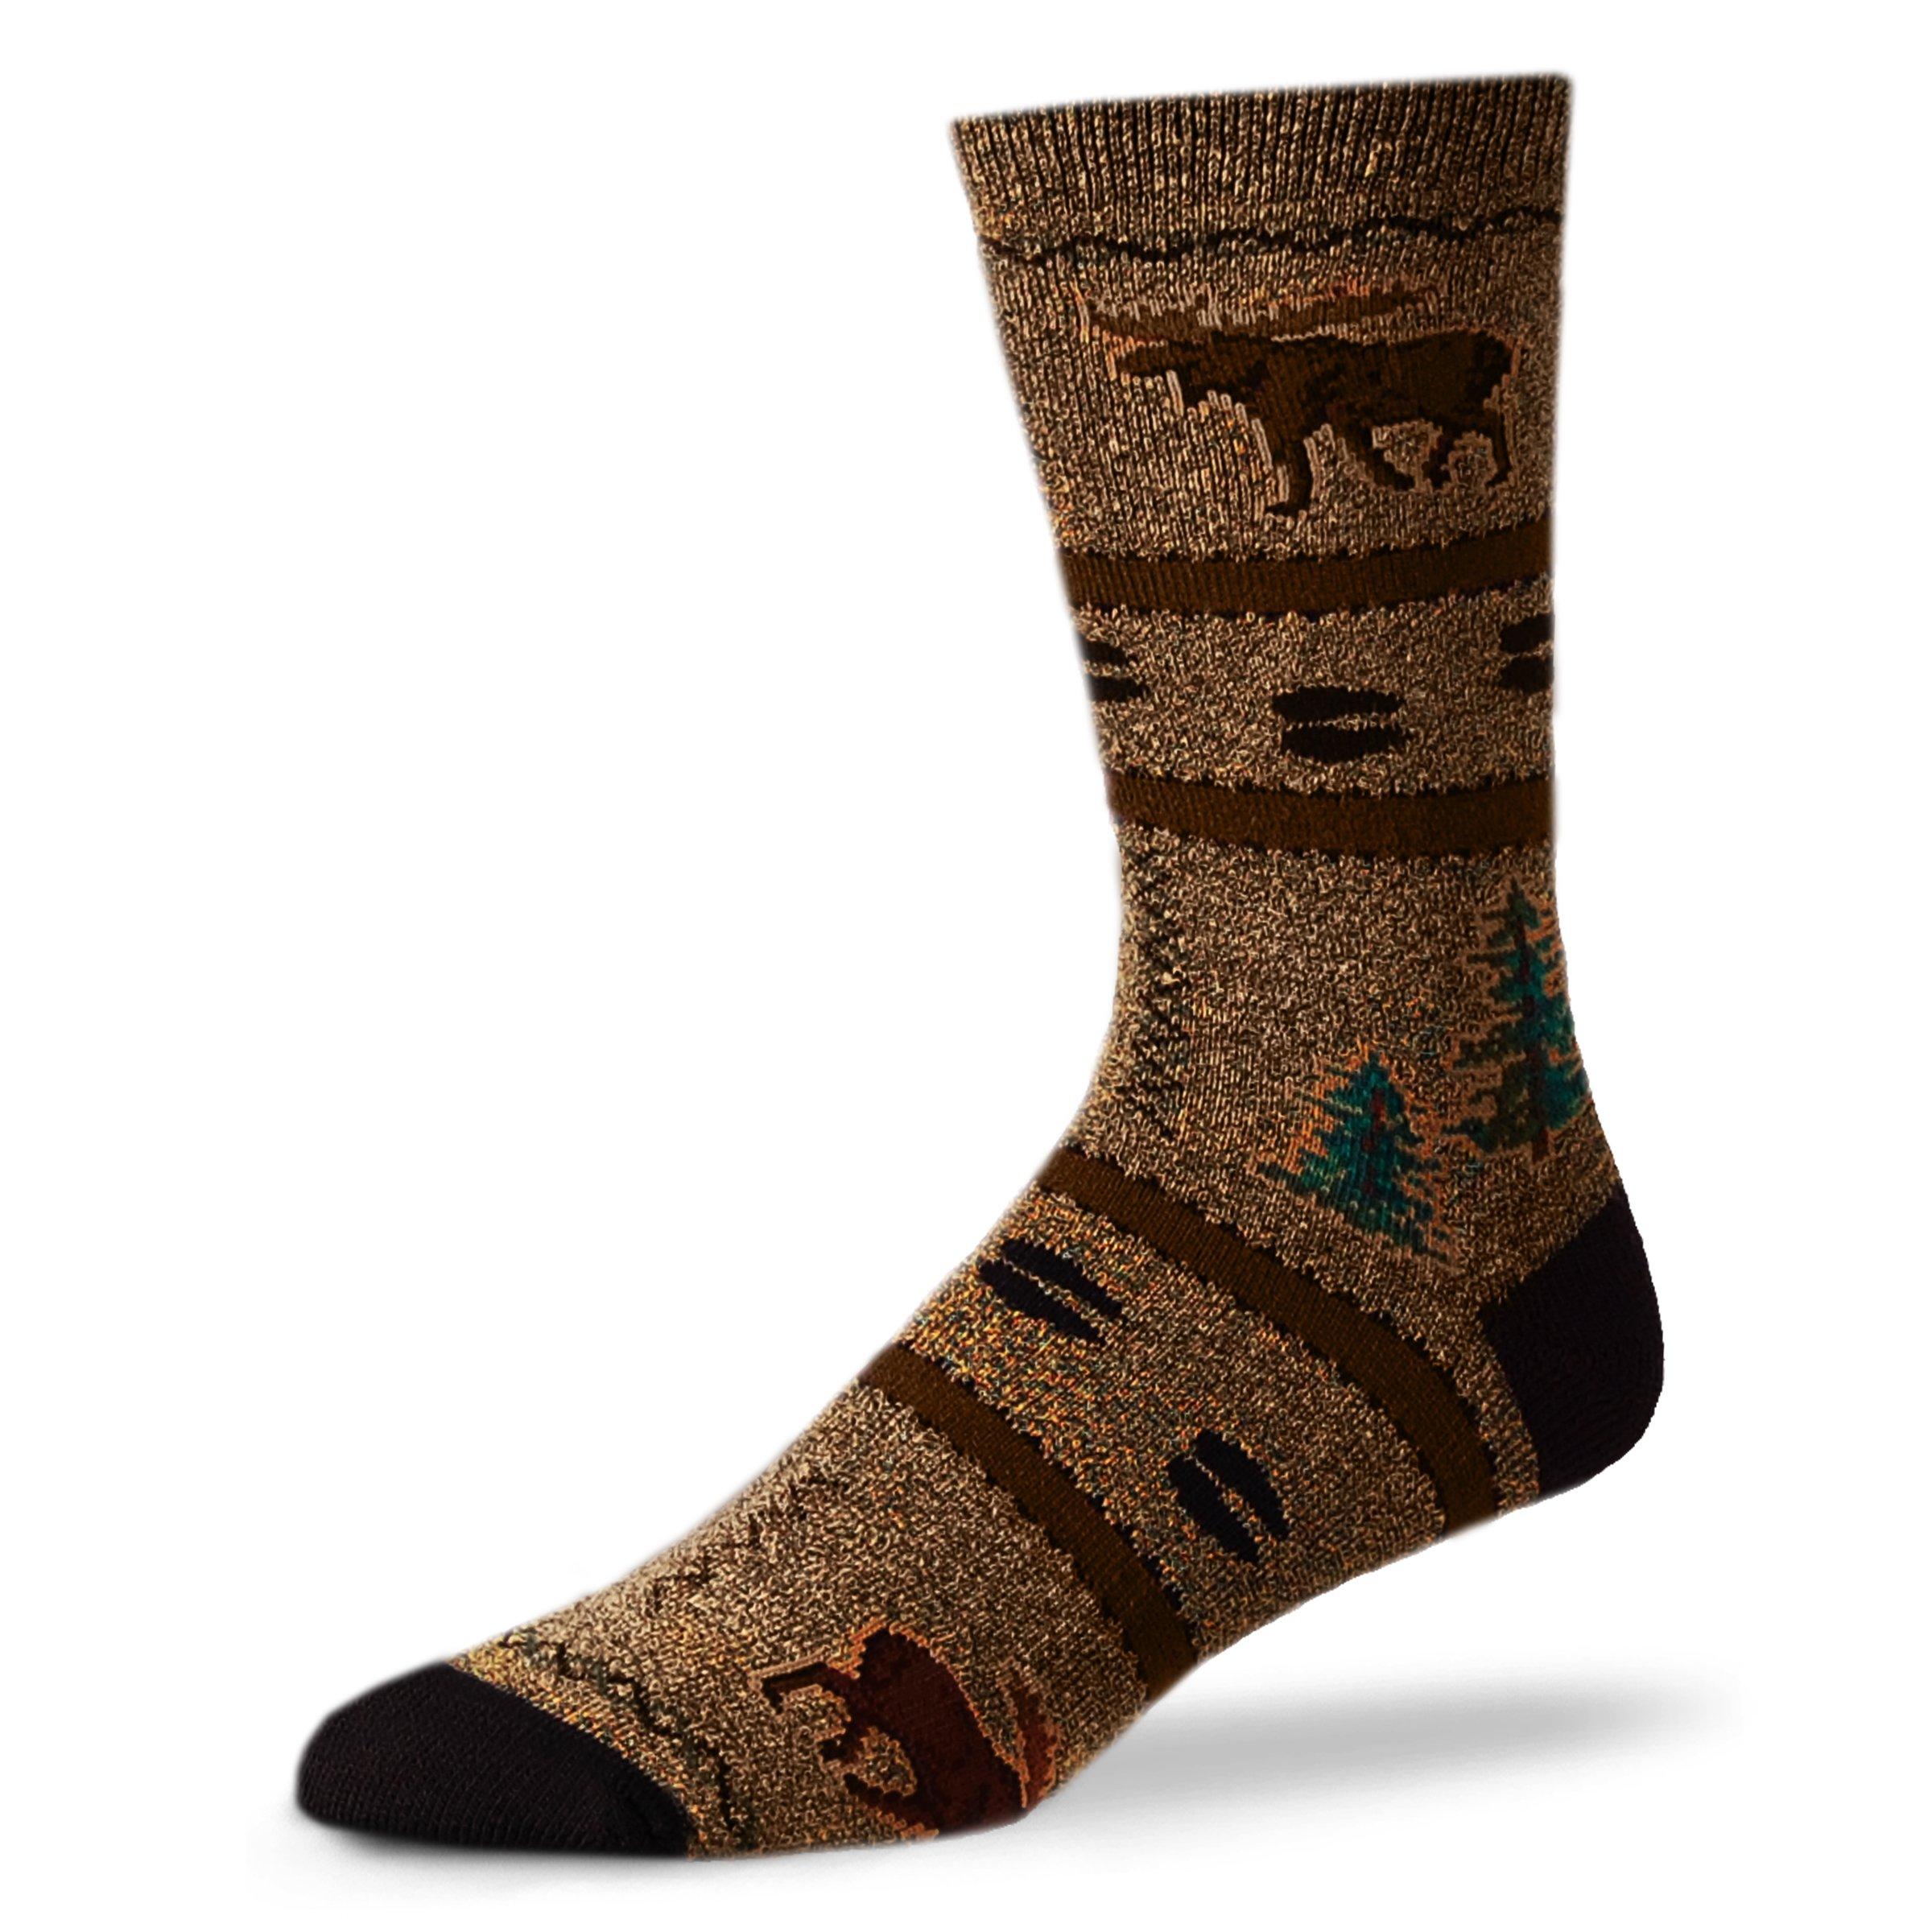 For Bare Men's Northwoods Moose Socks Plush Lg